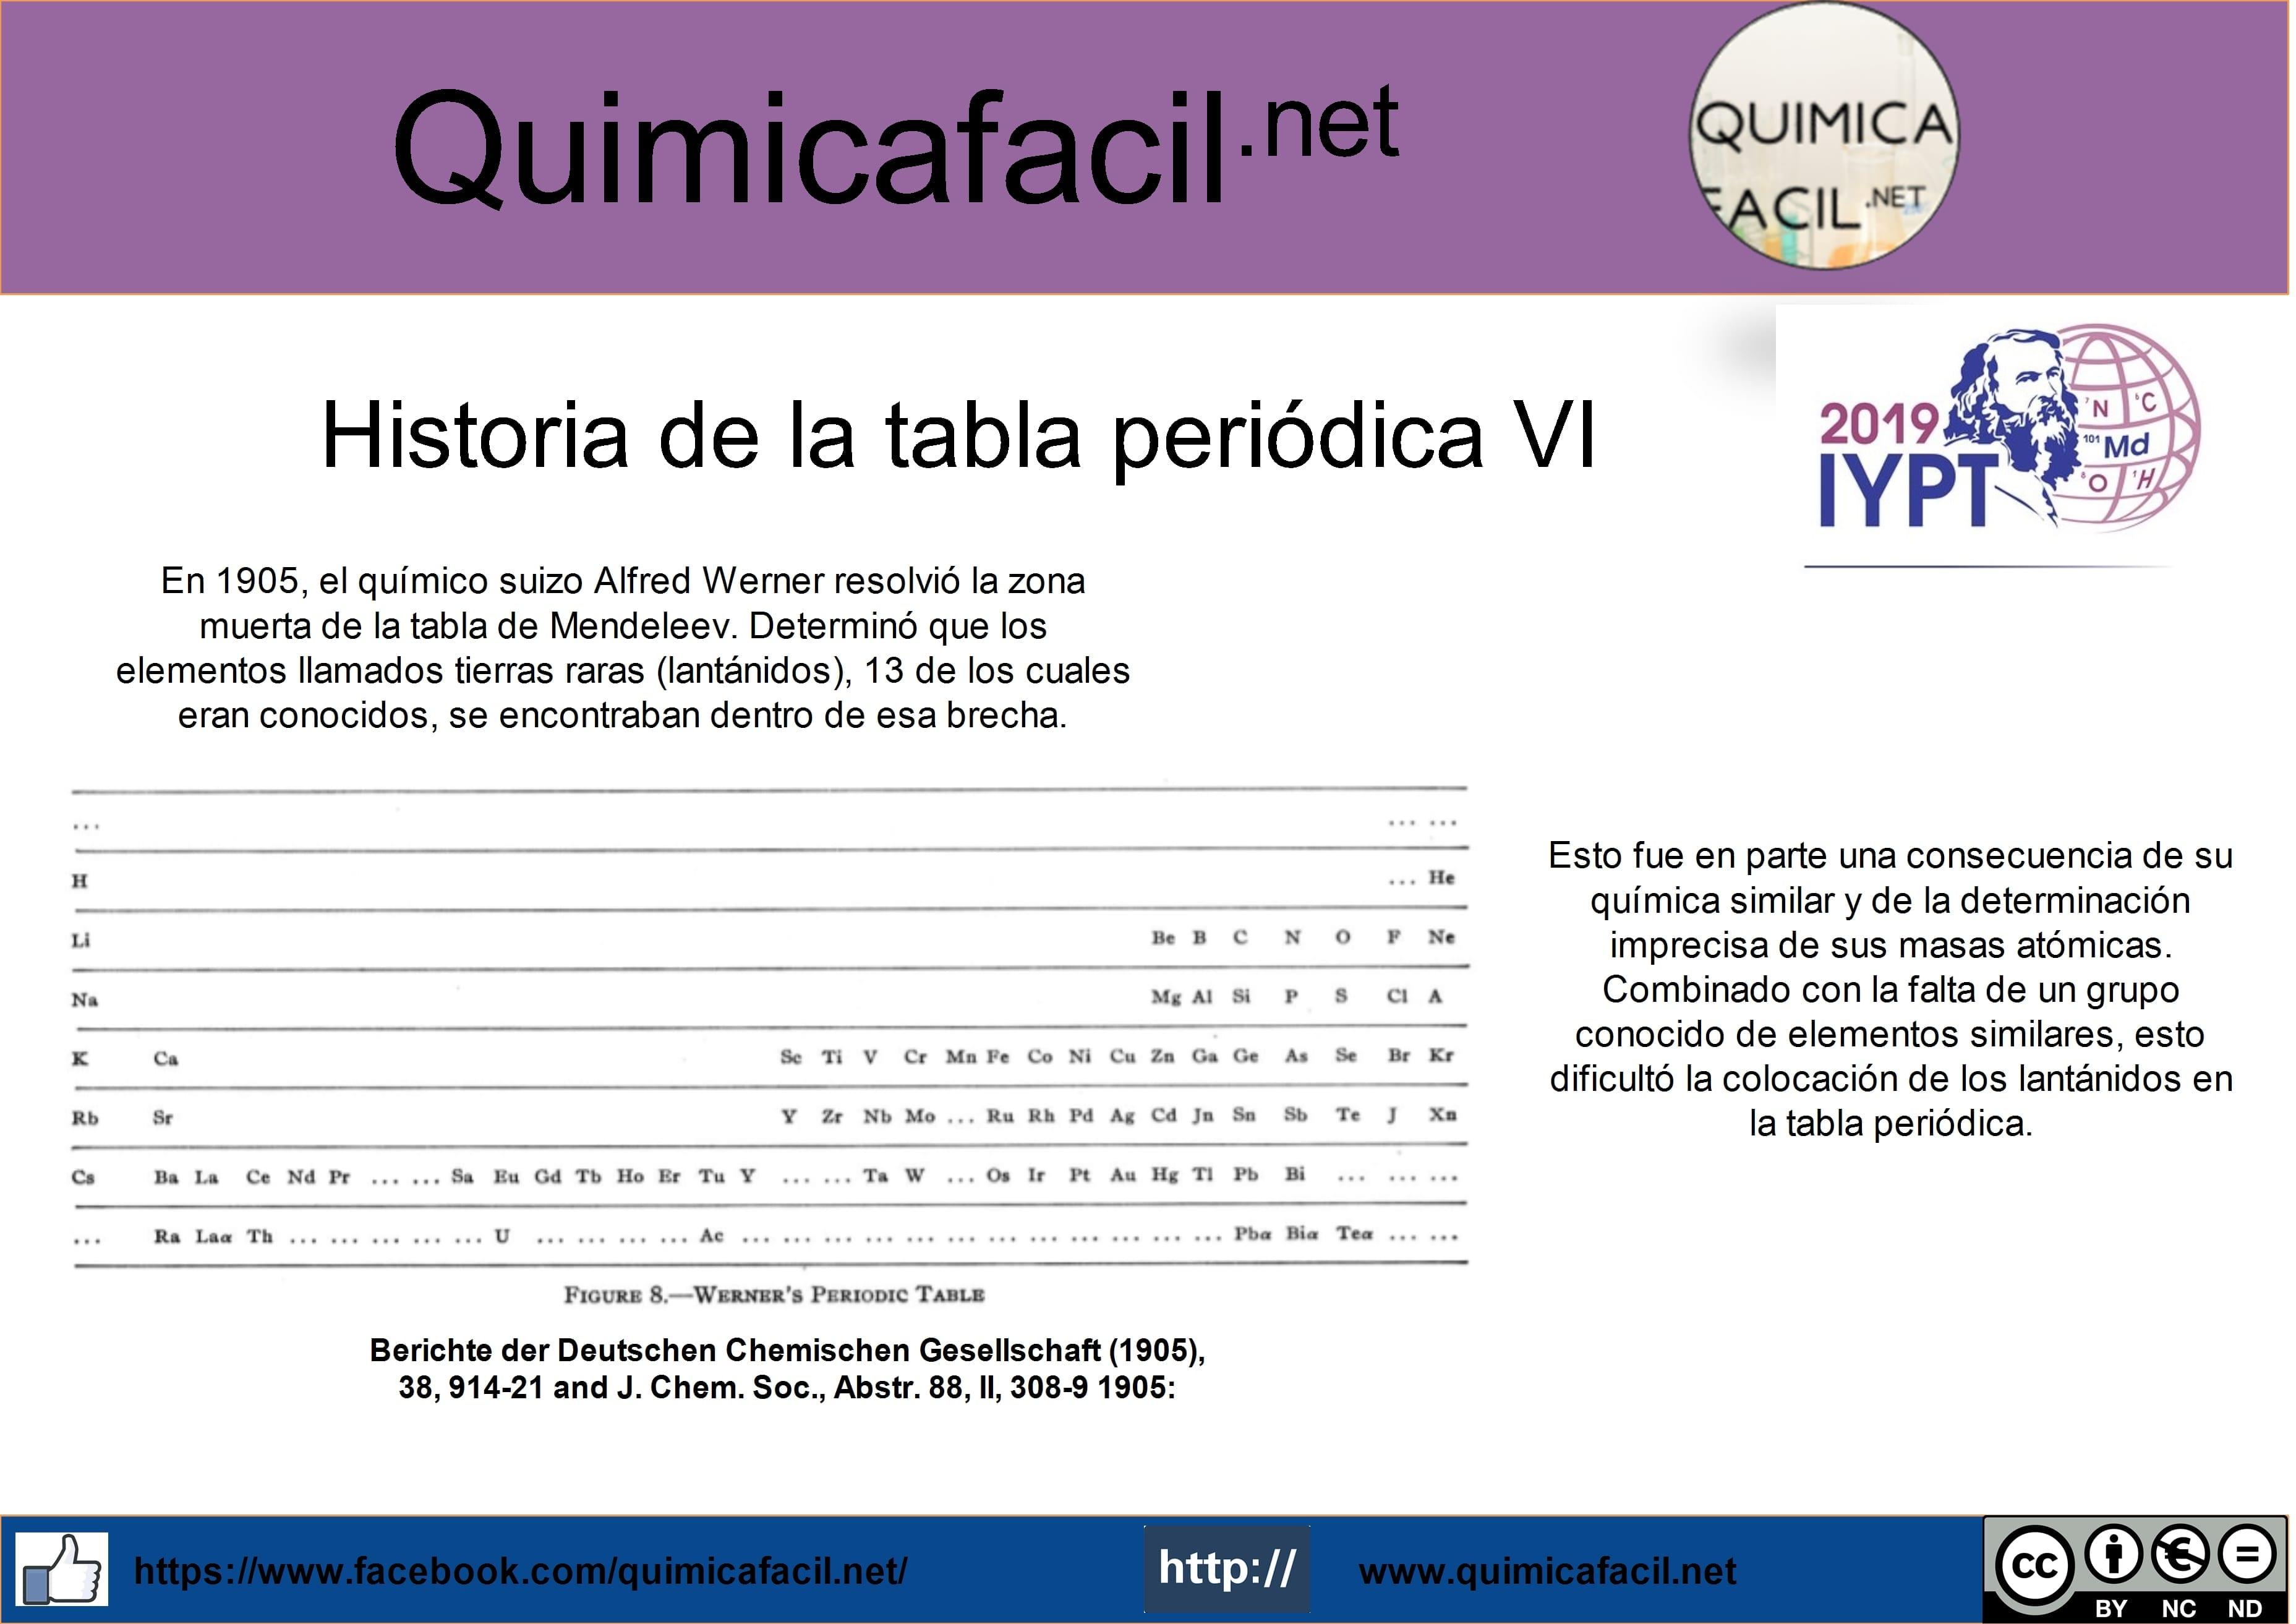 Historia de la tabla periódica VI